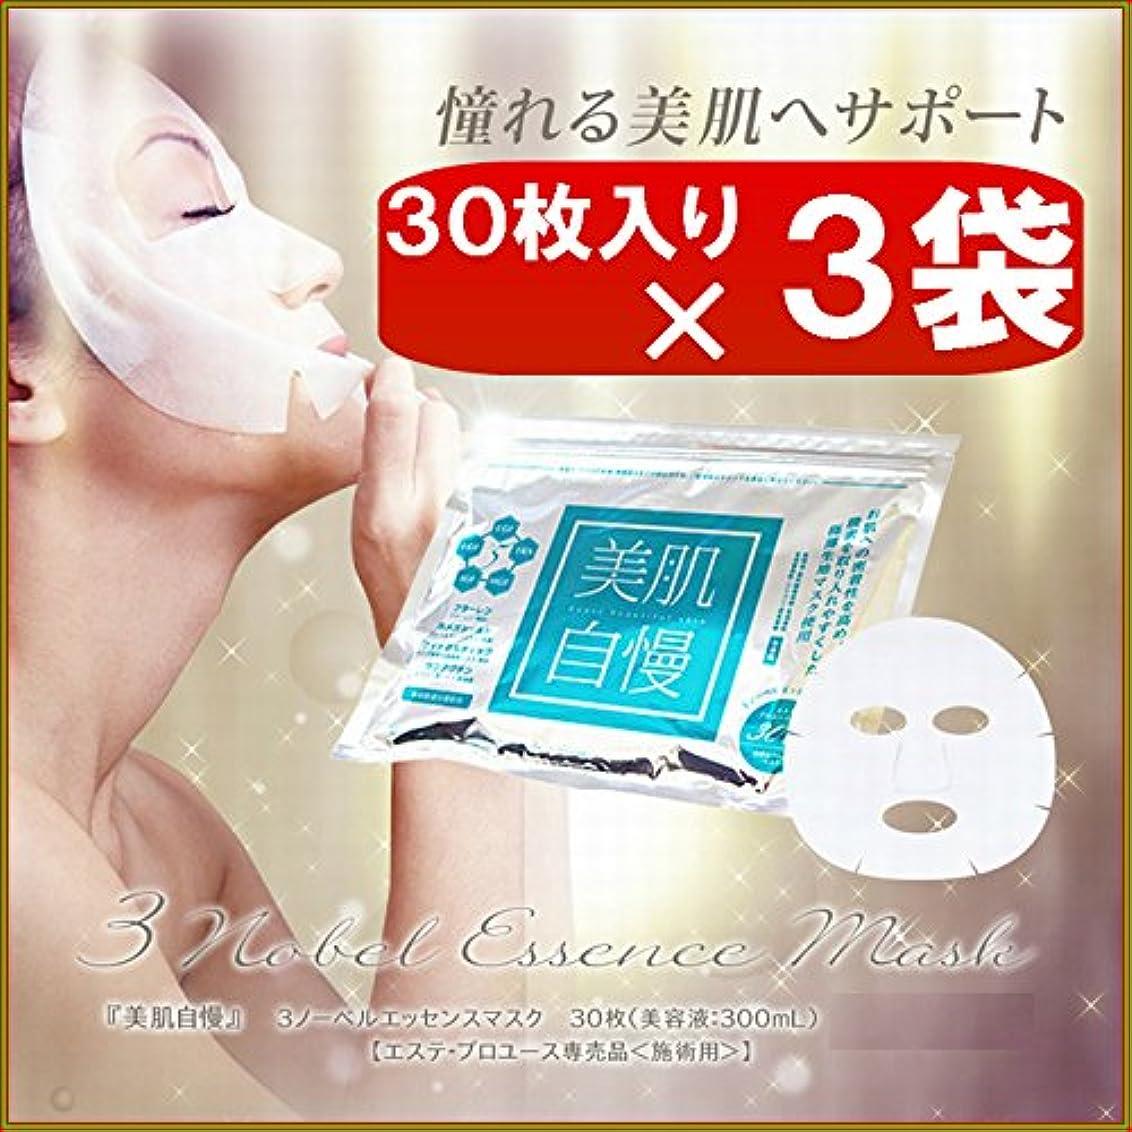 サーキットに行くすべき絶望的な美肌自慢フェイスマスク 30枚入り ×お得3袋セット 《エッセンスマスク、EGF、IGF、ヒアルロン酸、プラセンタ、アルブチン、カタツムリエキス、しみ、しわ》